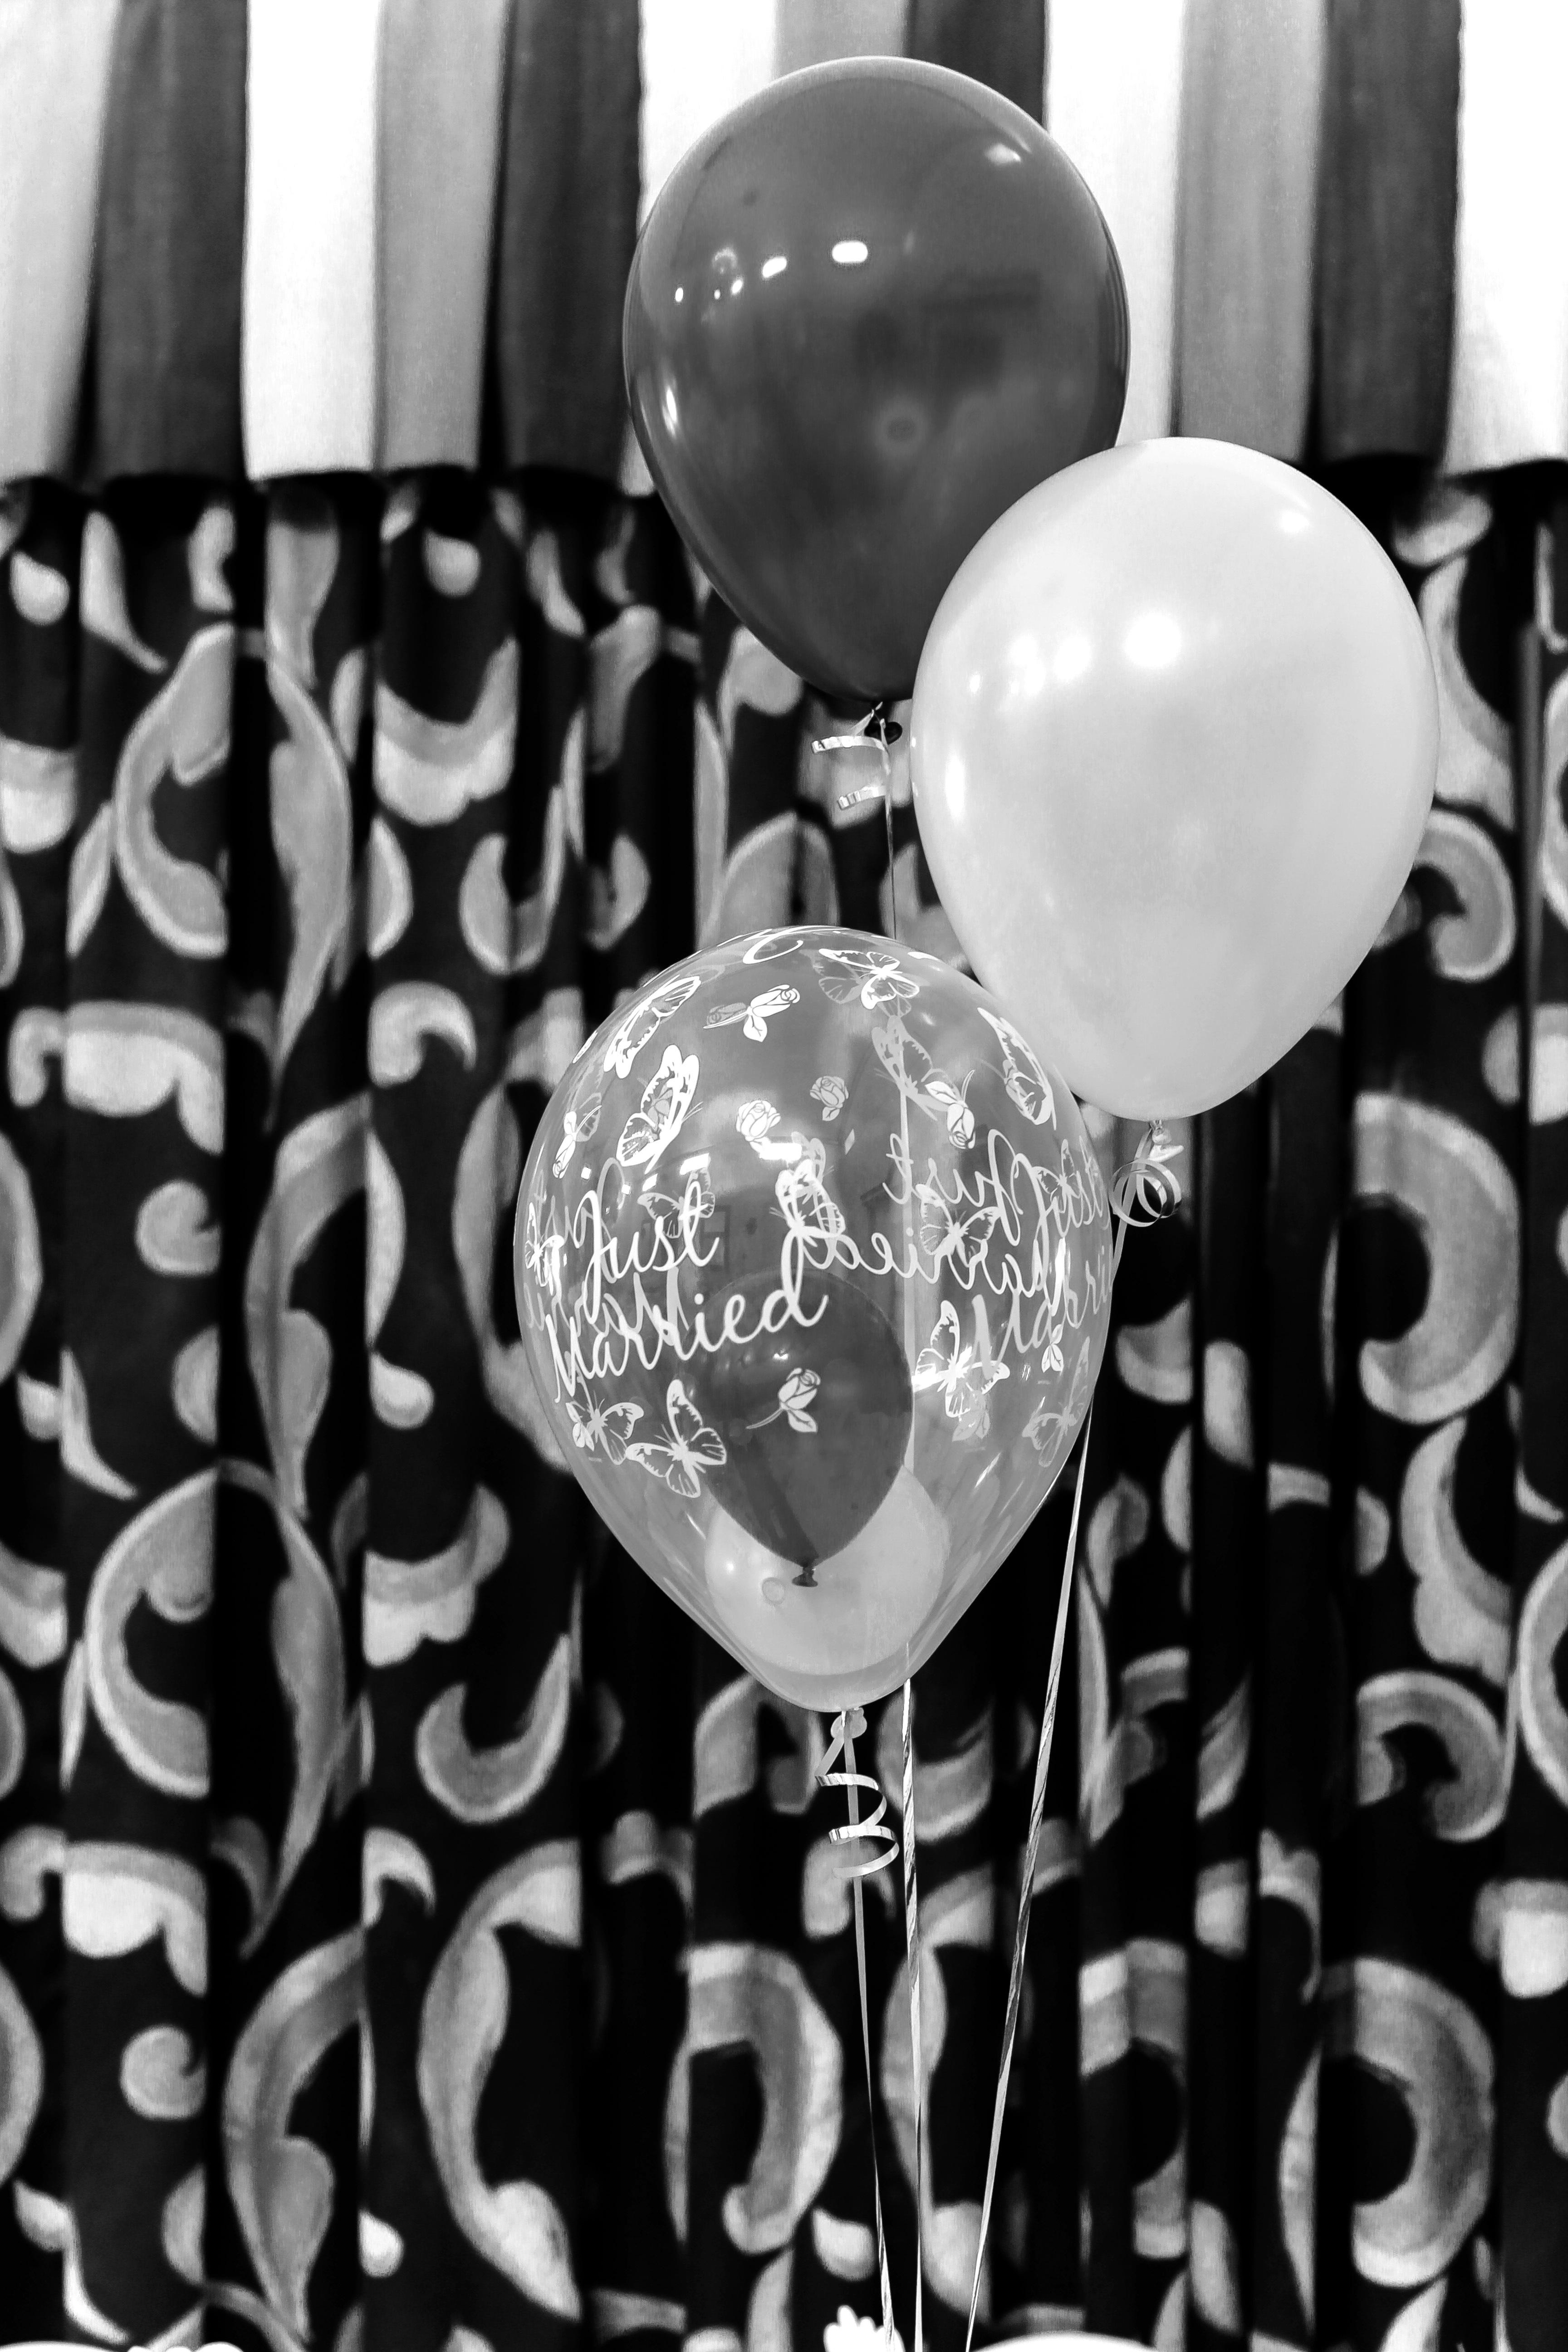 Kostenlose foto : Schwarz und weiß, Weiß, Feier, Liebe, Dekoration ...